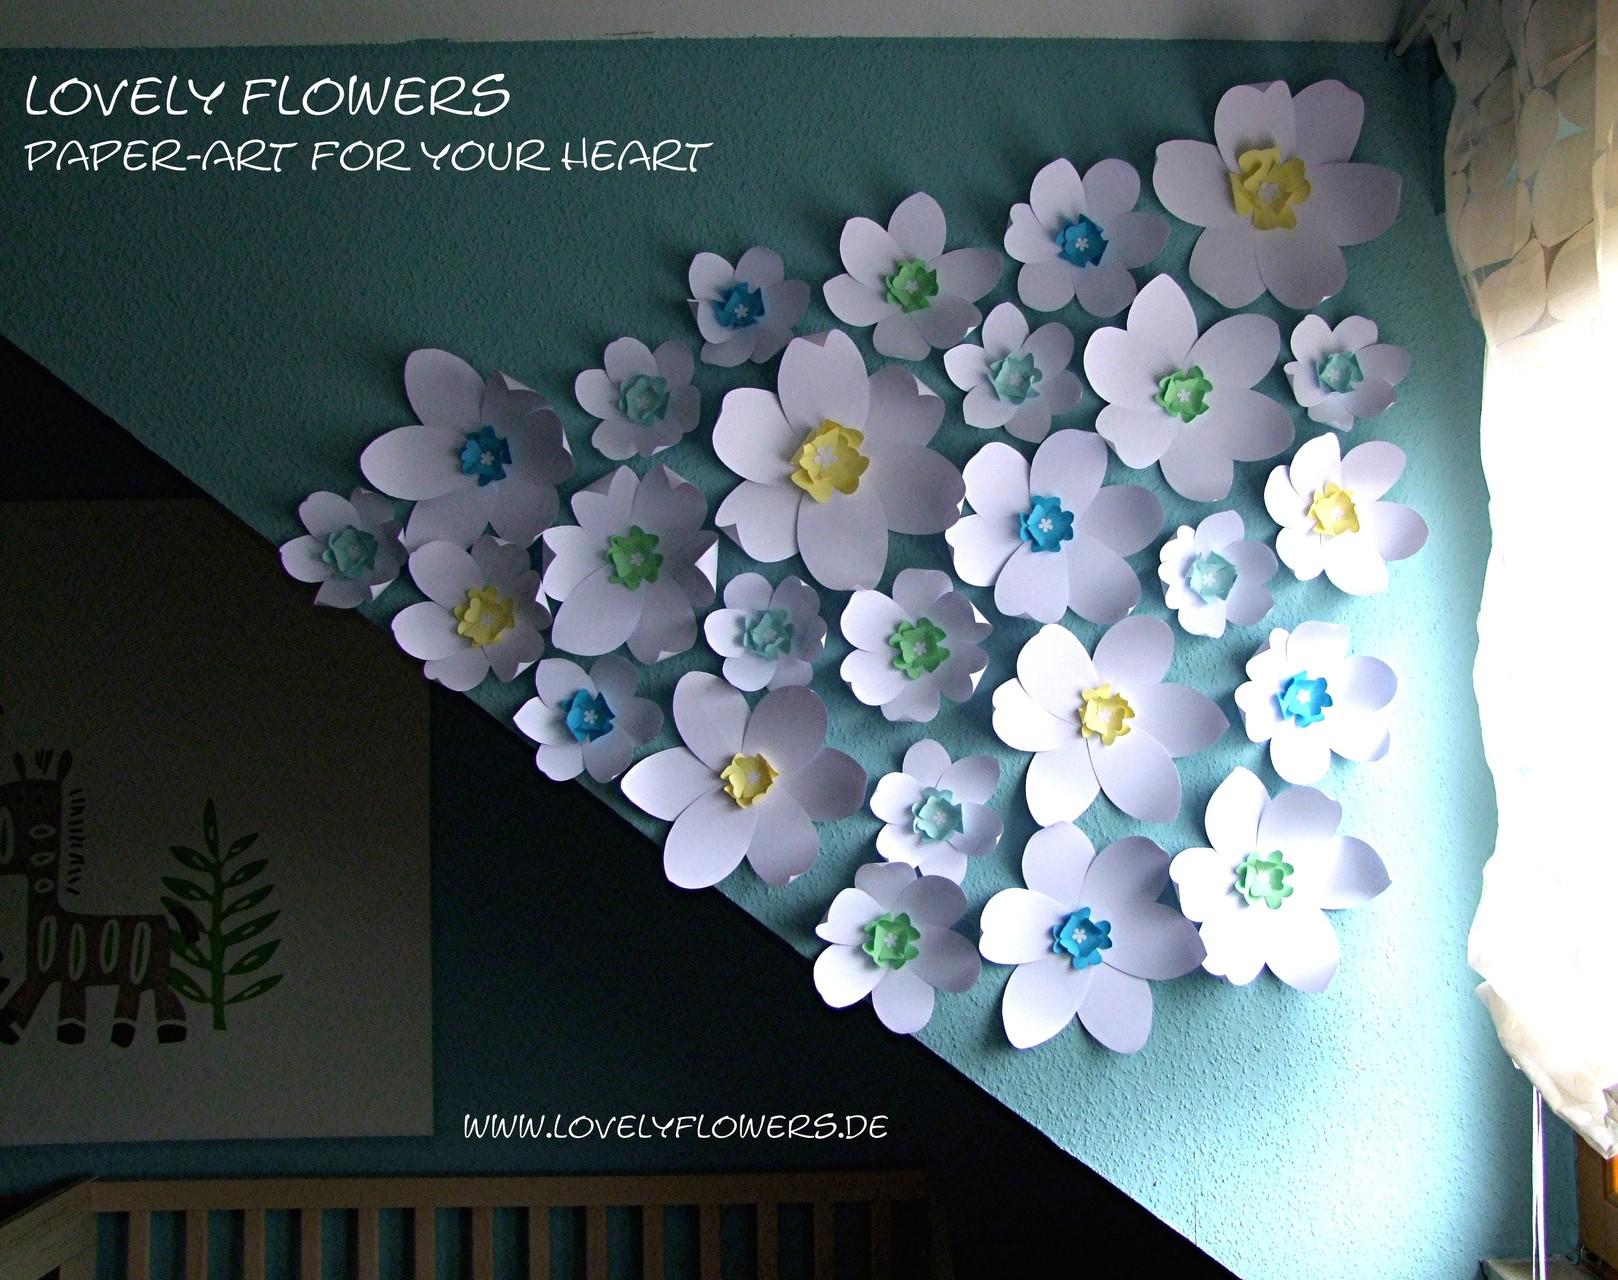 www.lovelyflowers.de - Dein Spezialist für PAPER-ART Blumenwandtattoos in 3D!